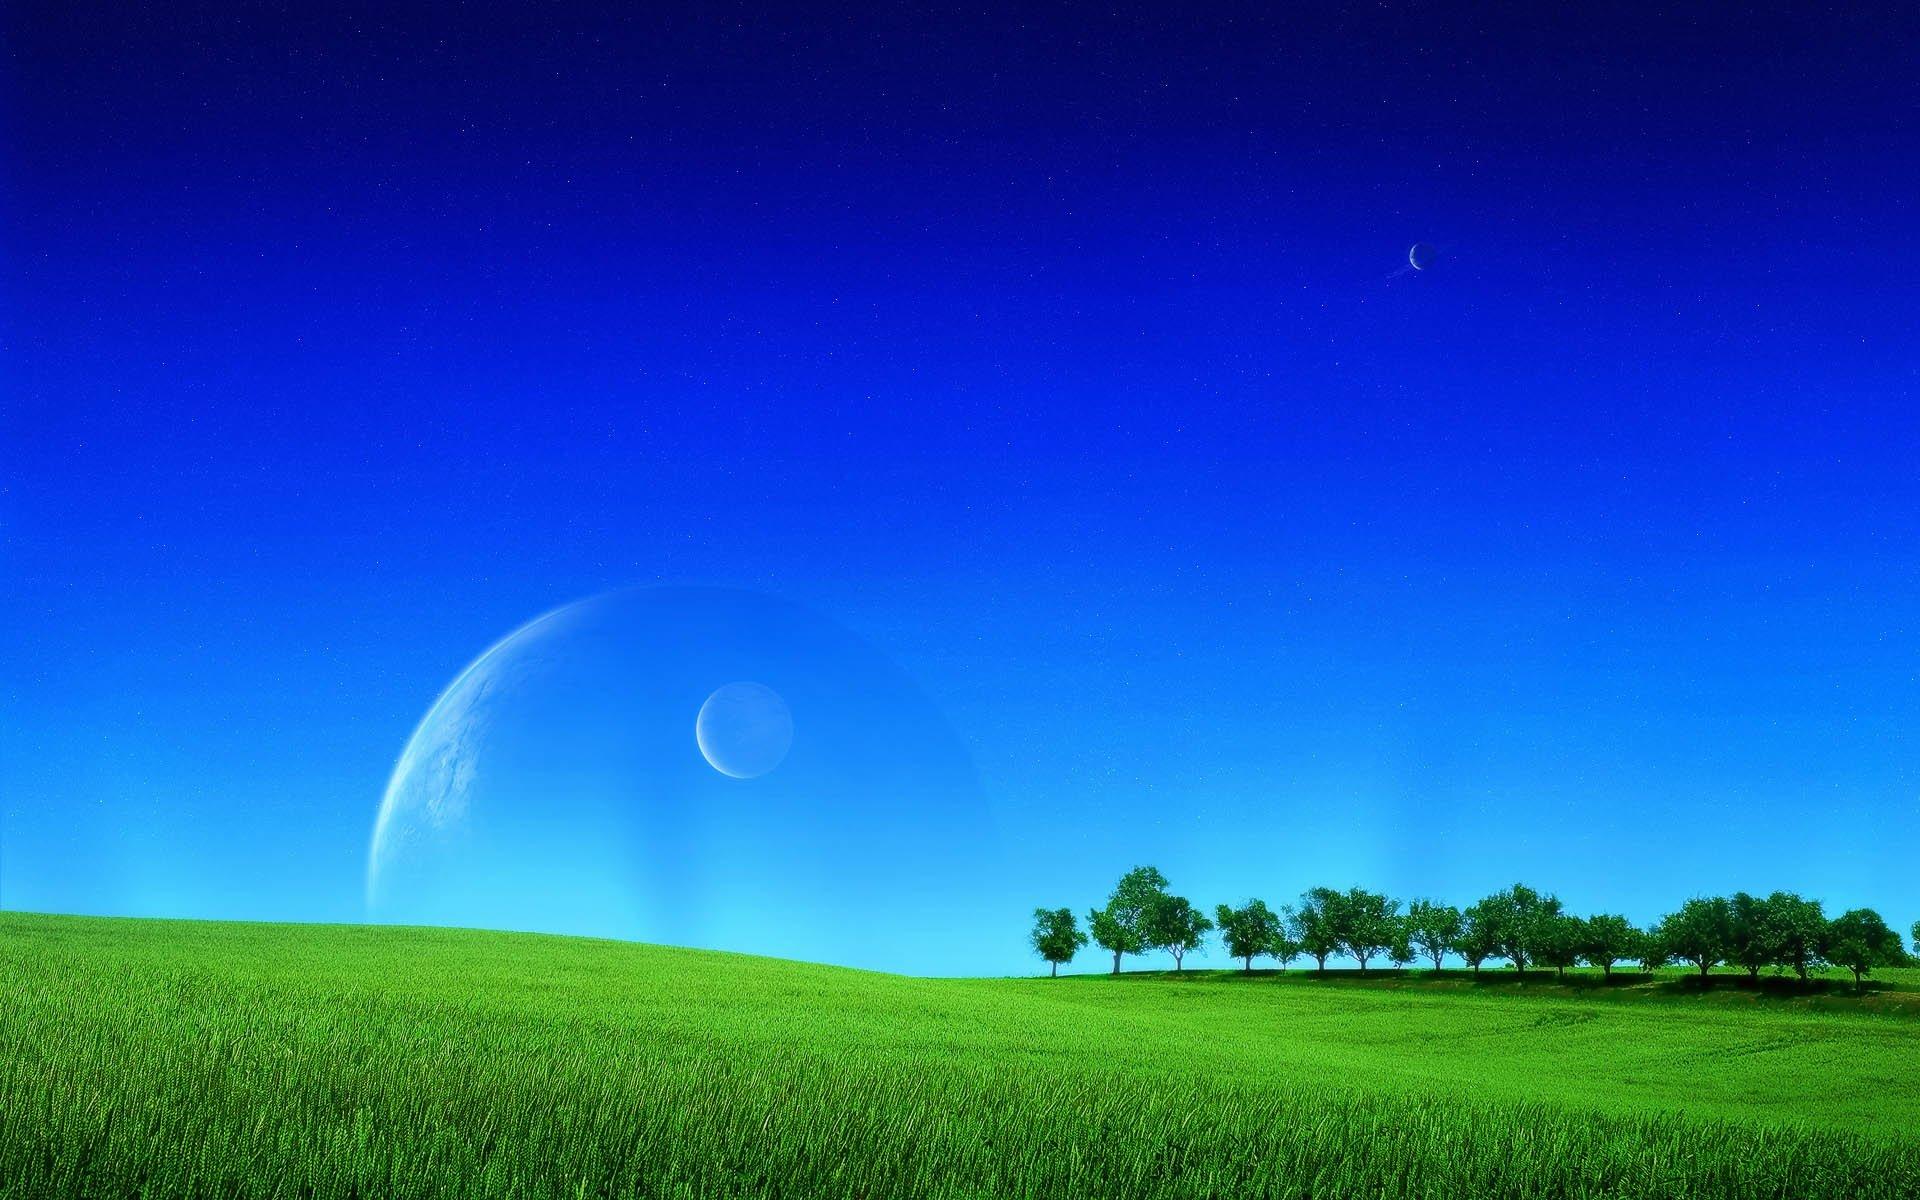 Grassland Background - 1286555